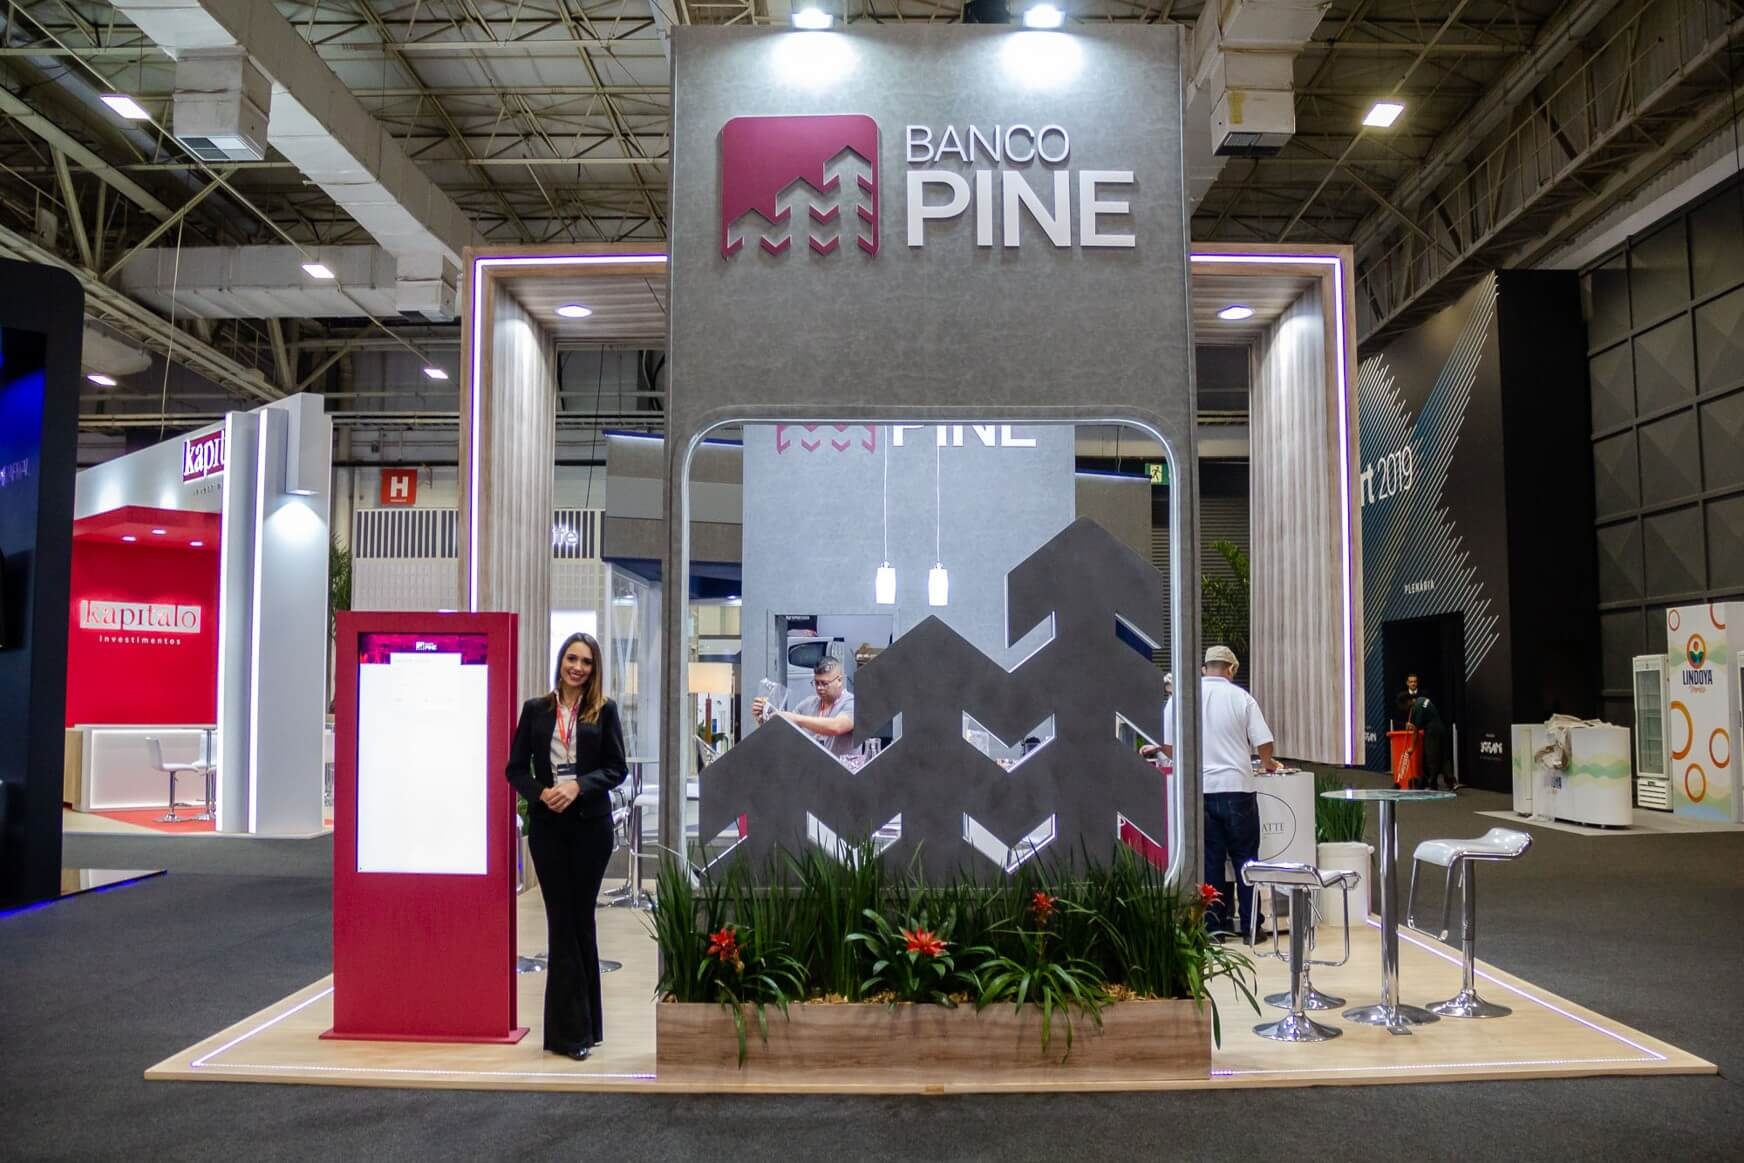 Estande Banco Pine XP